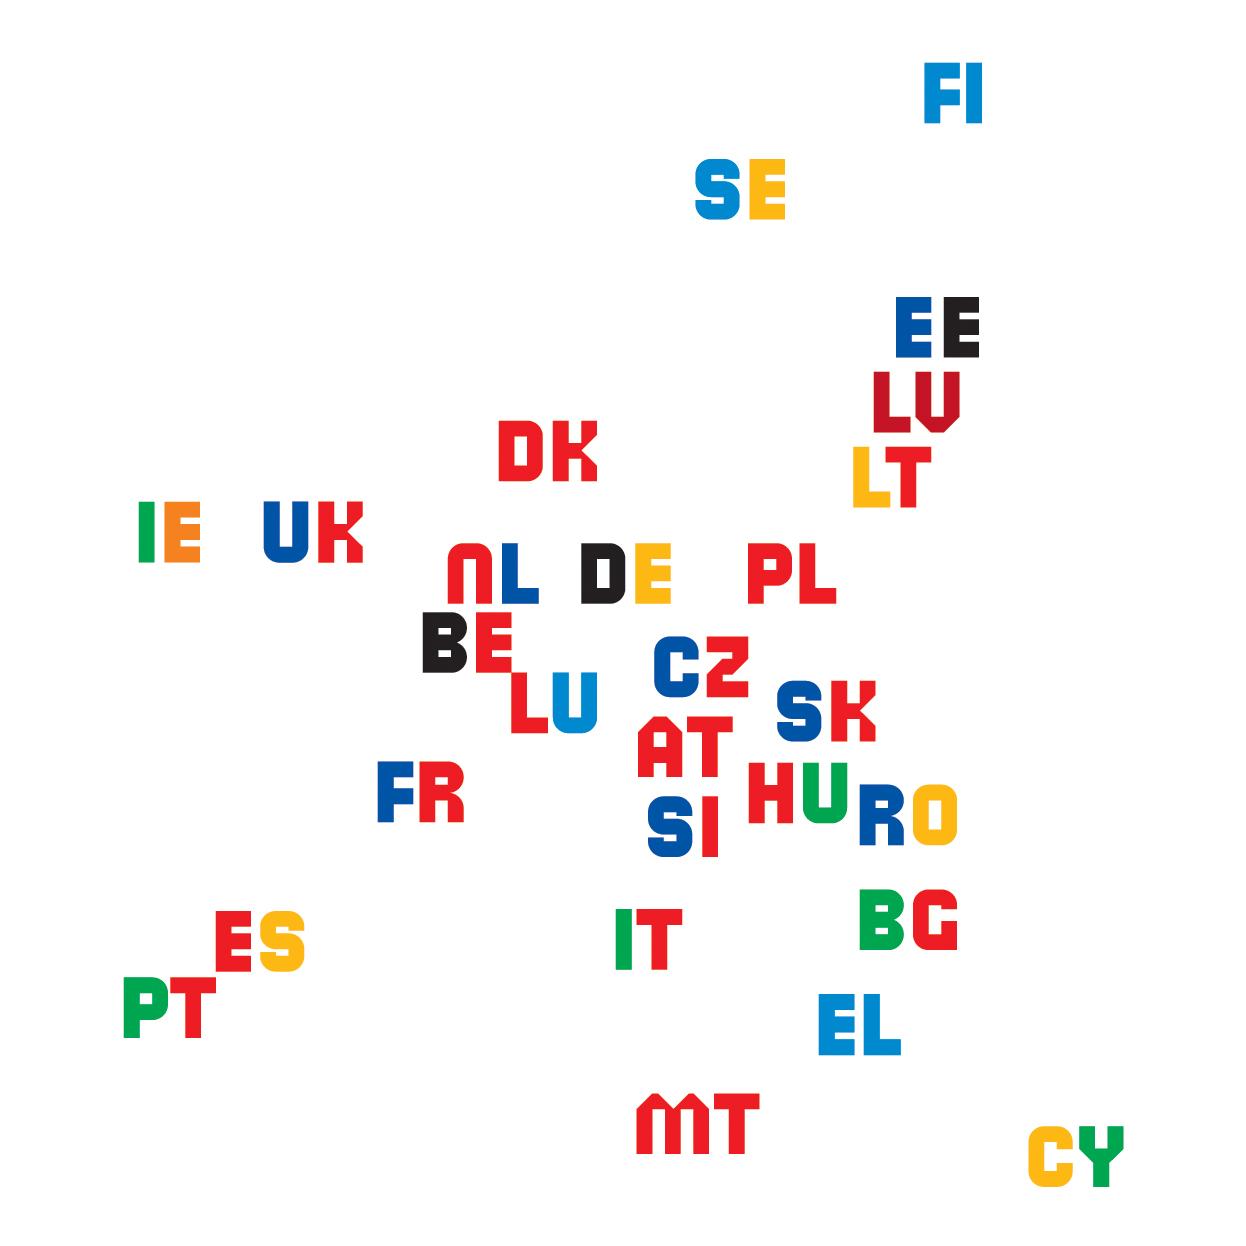 eumap_1.jpg